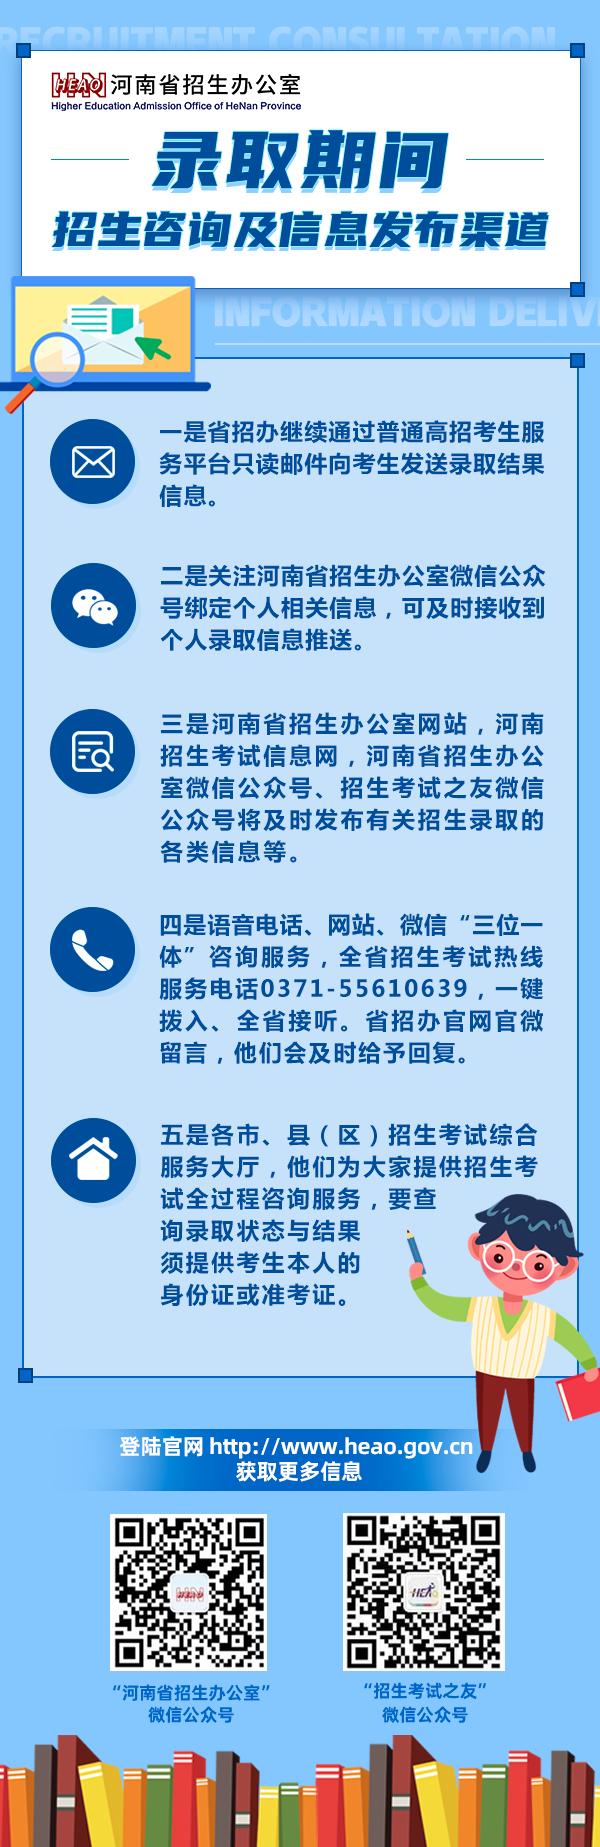 微信图片_20210731004456.png